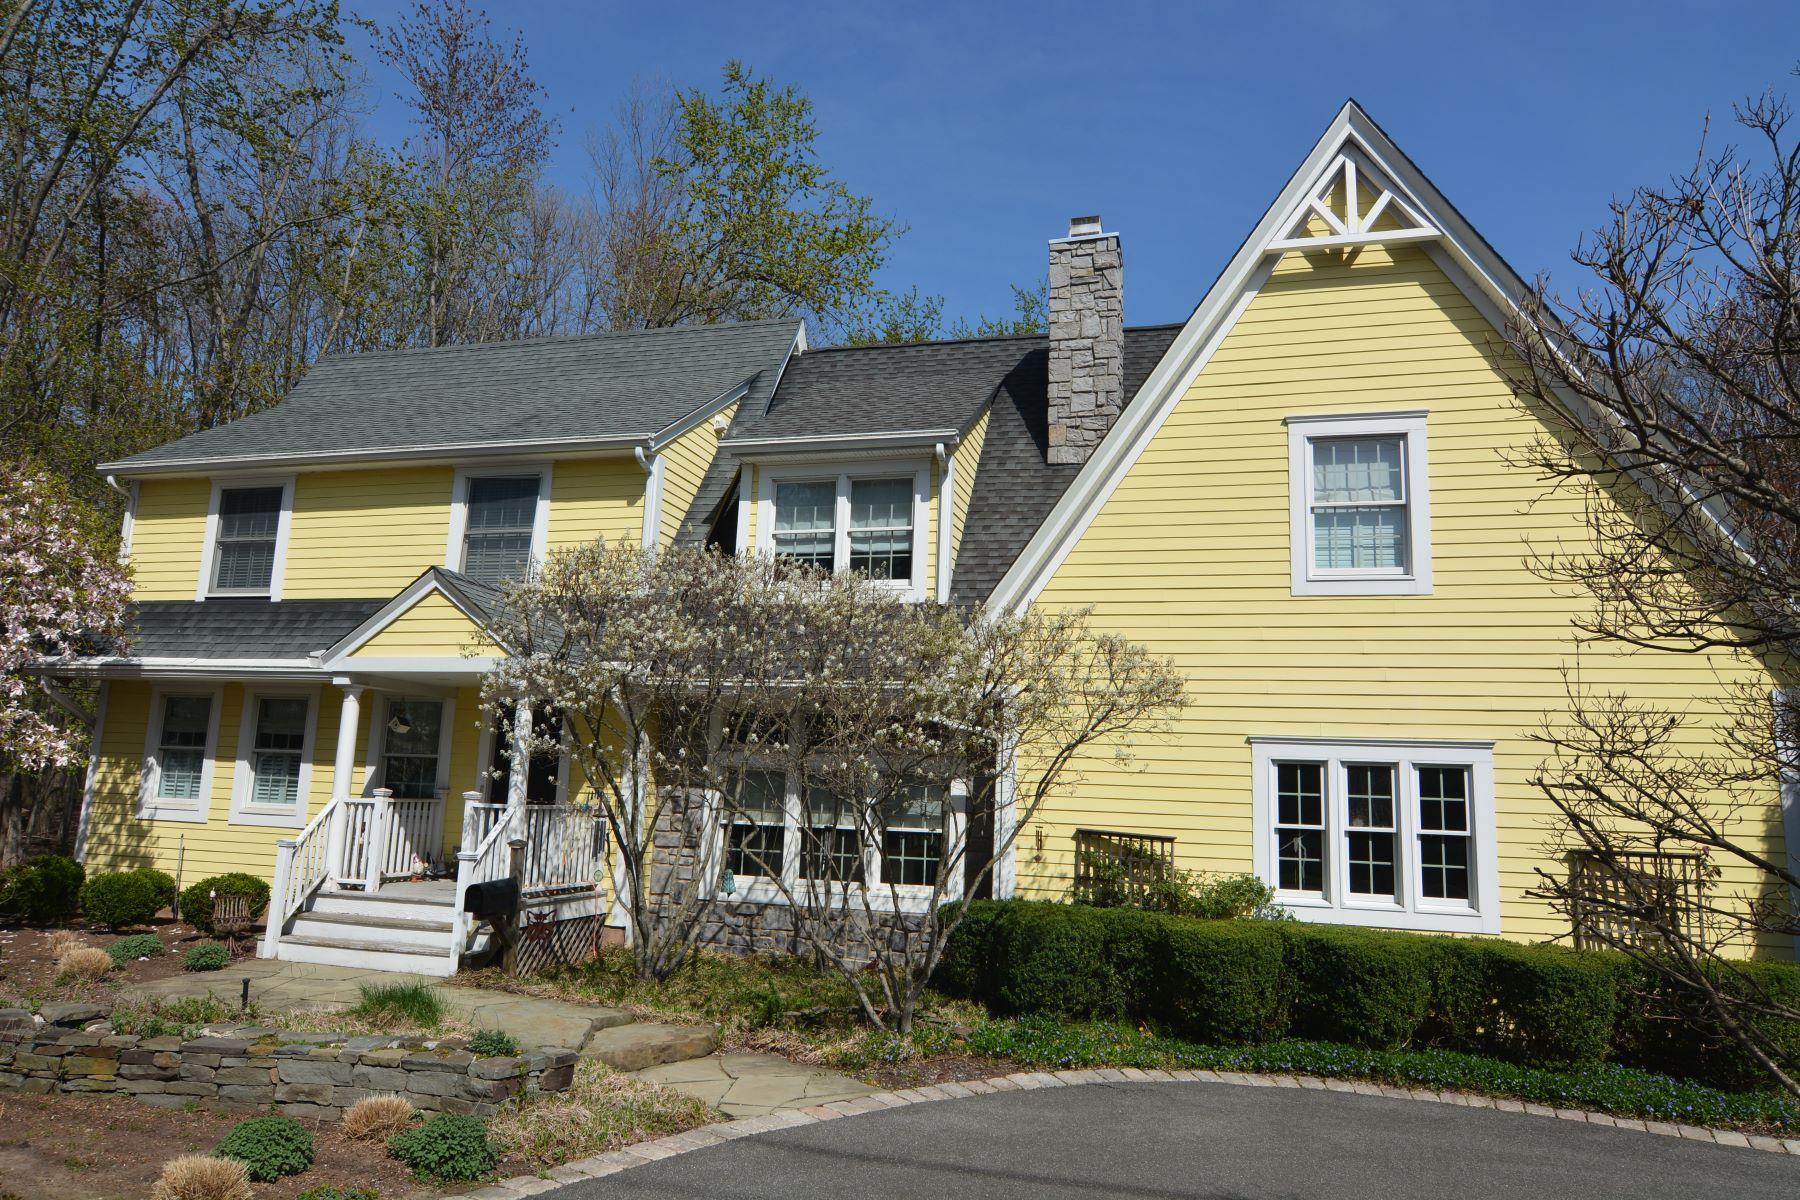 Maison unifamiliale pour l Vente à One of a Kind 141 Herbert Ave, Closter, New Jersey 07624 États-Unis